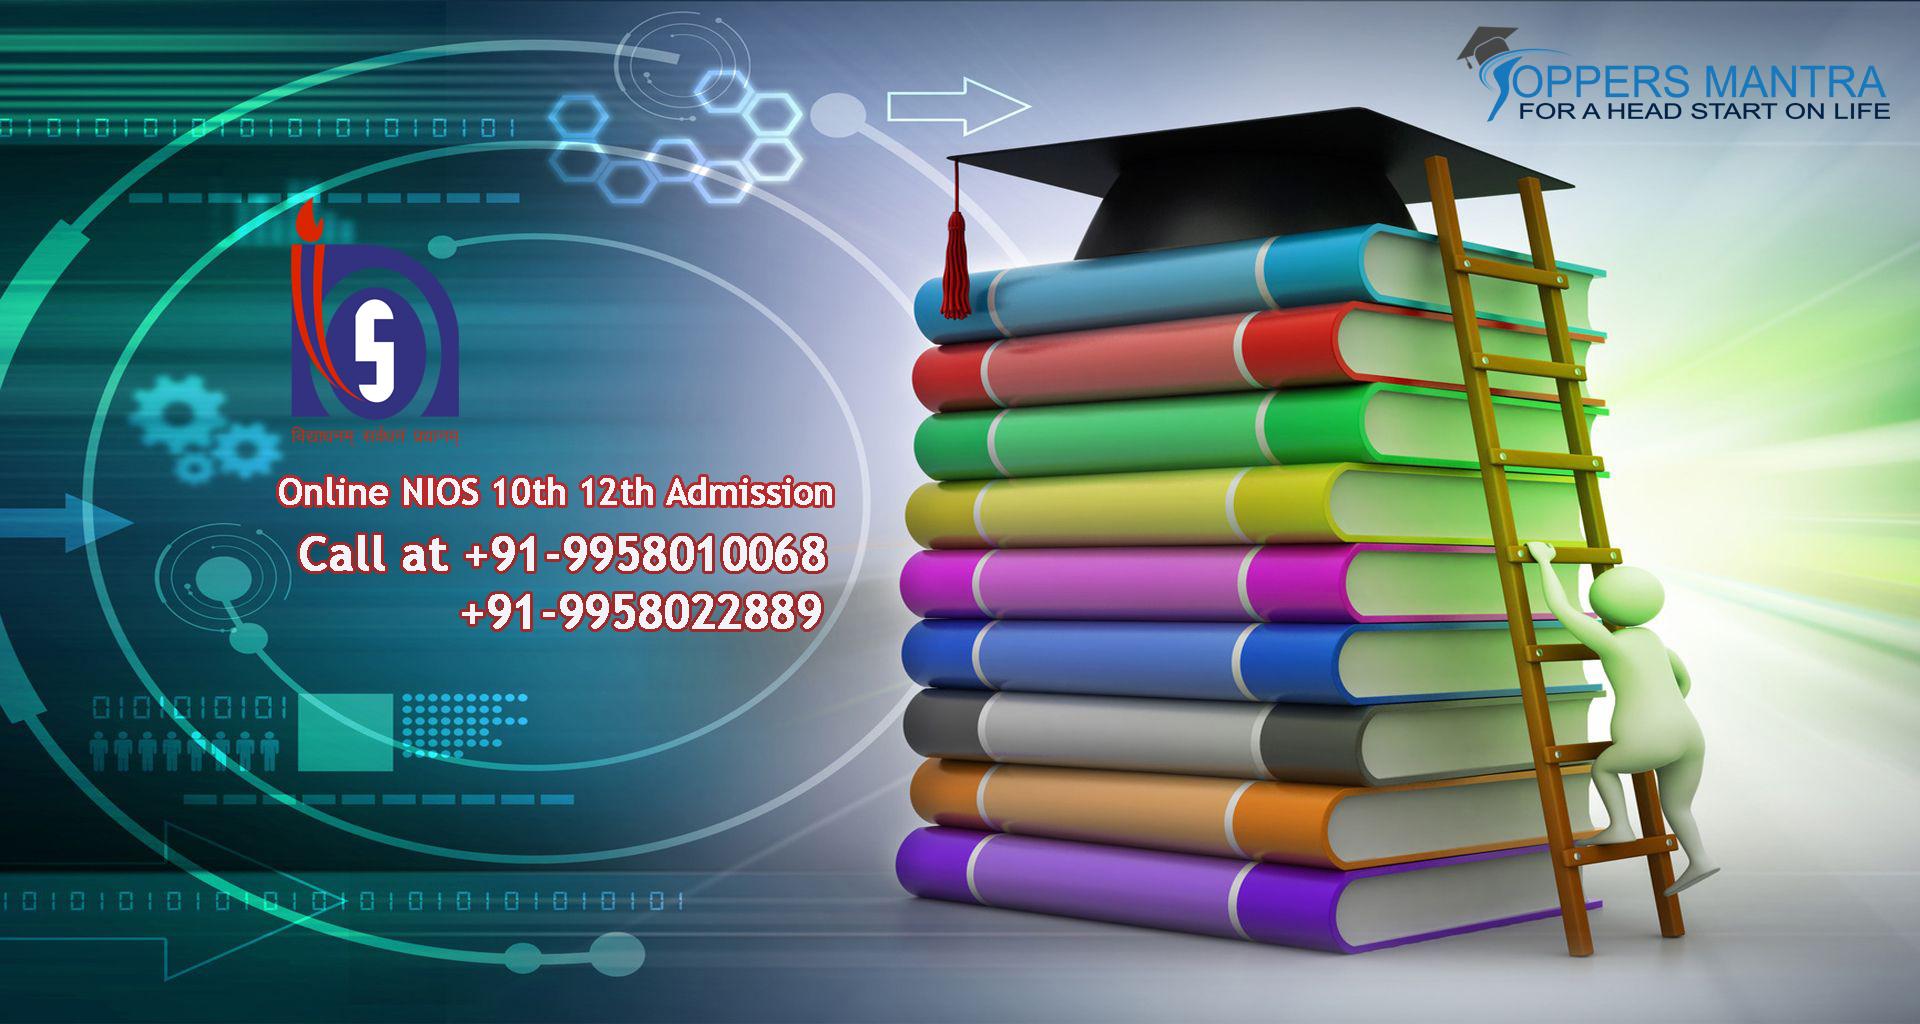 NIOS 10th 12th Admission Bihar